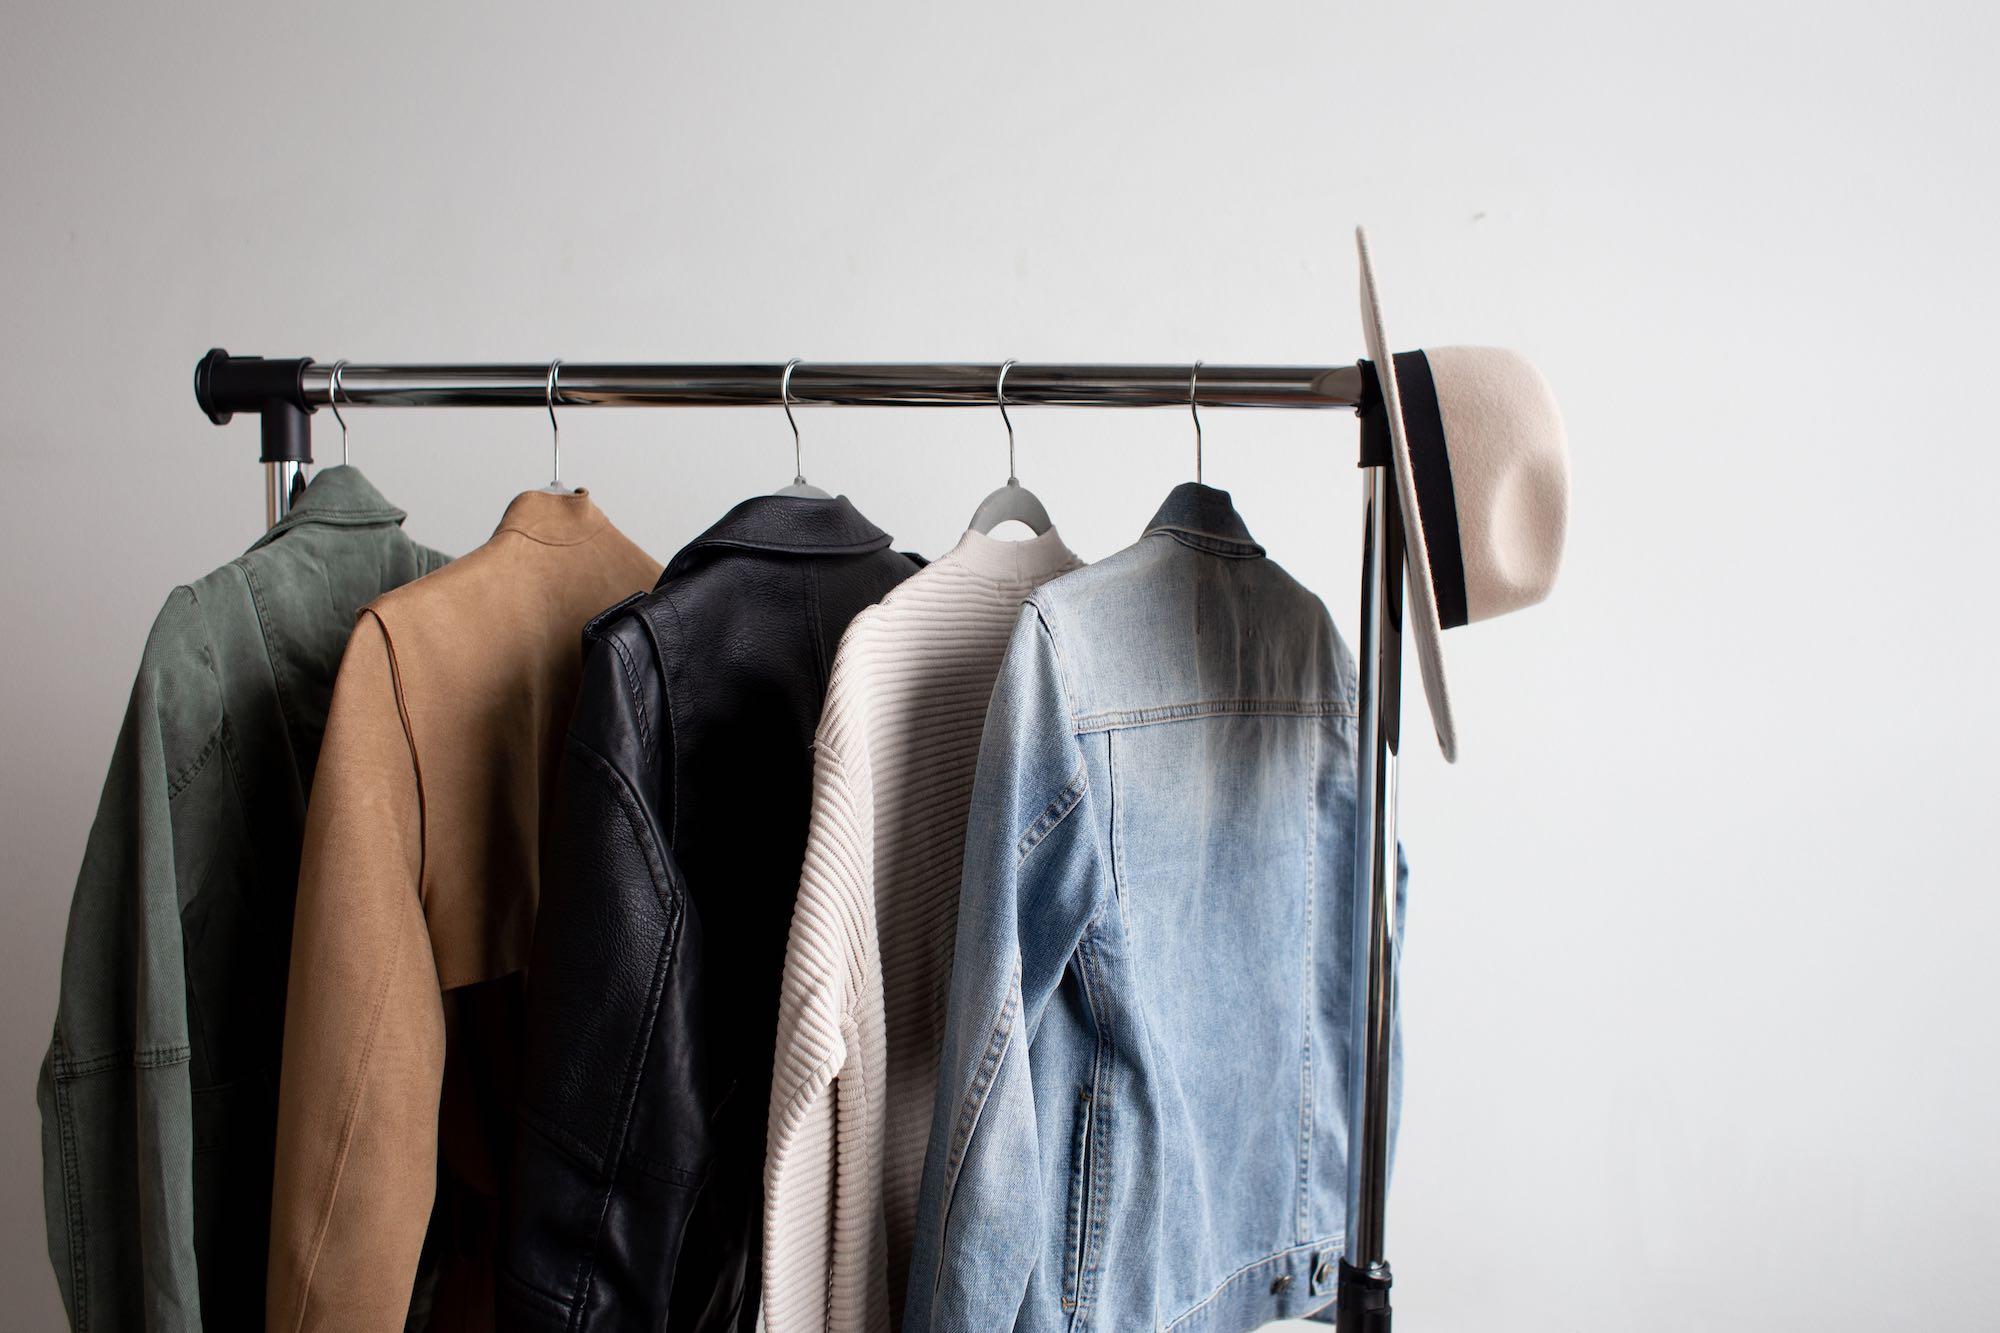 Planowanie szafy – co powinno się w niej znaleźć?